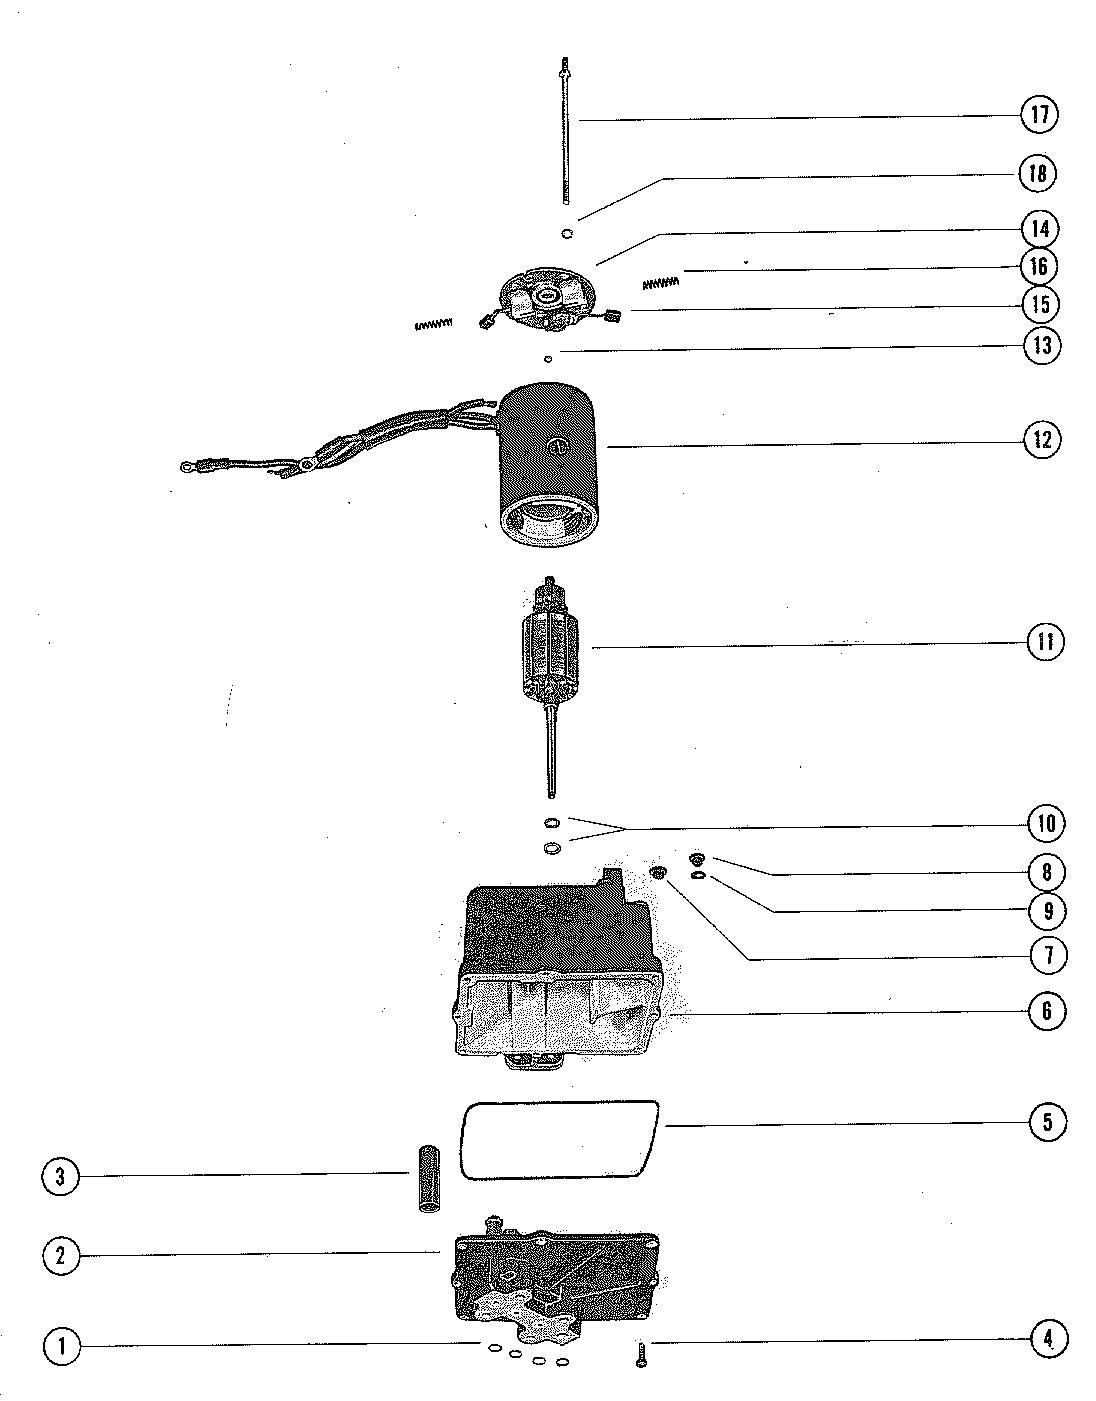 Mercury 115 Hydraulic Trim Wiring Illustration Of Wiring